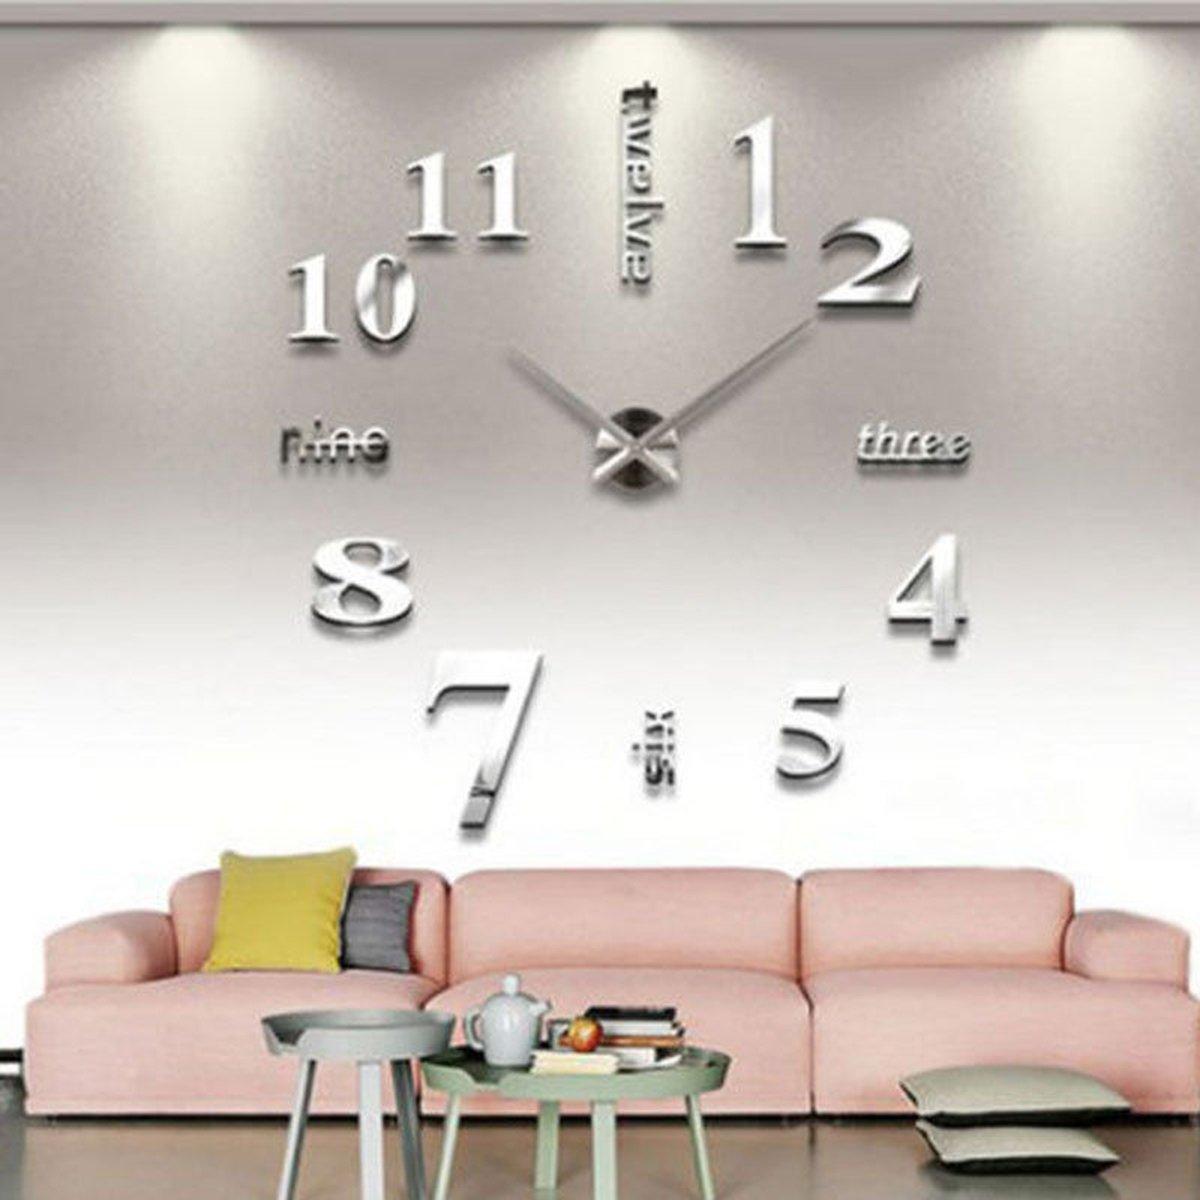 DIY große Wanduhr 3D-Spiegel-Oberflächen-Aufkleber Hauptdekoration Art Design (Silber) online kaufen